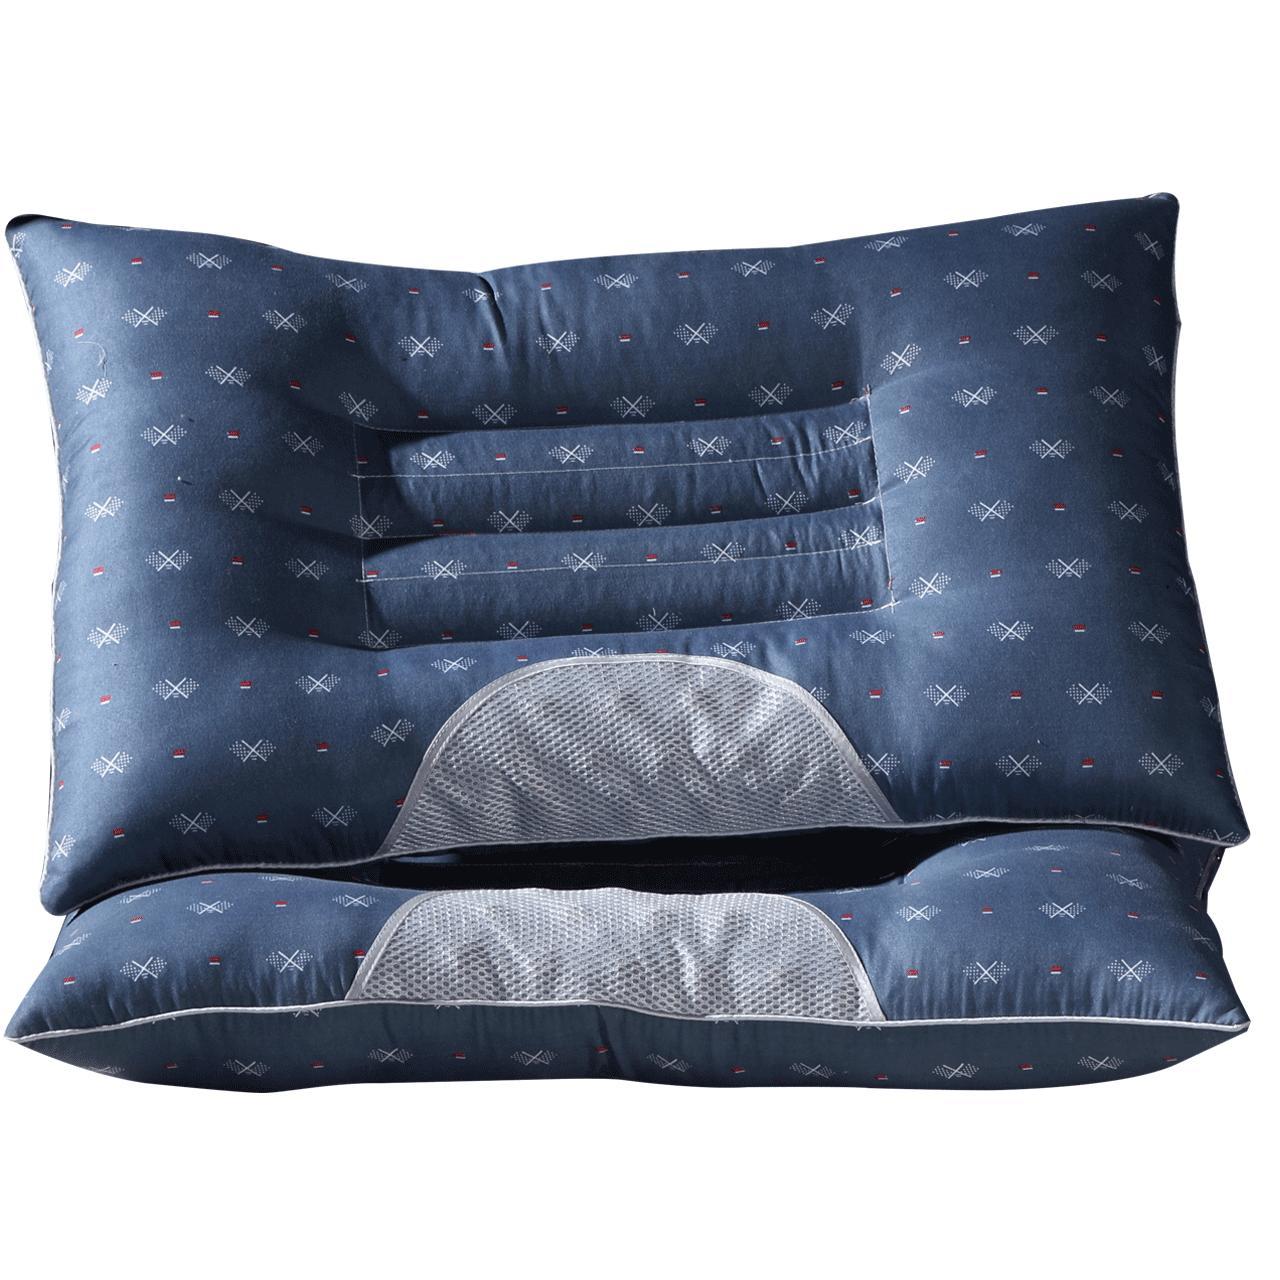 浪莎单人成人学生家用拍决明子枕头好不好